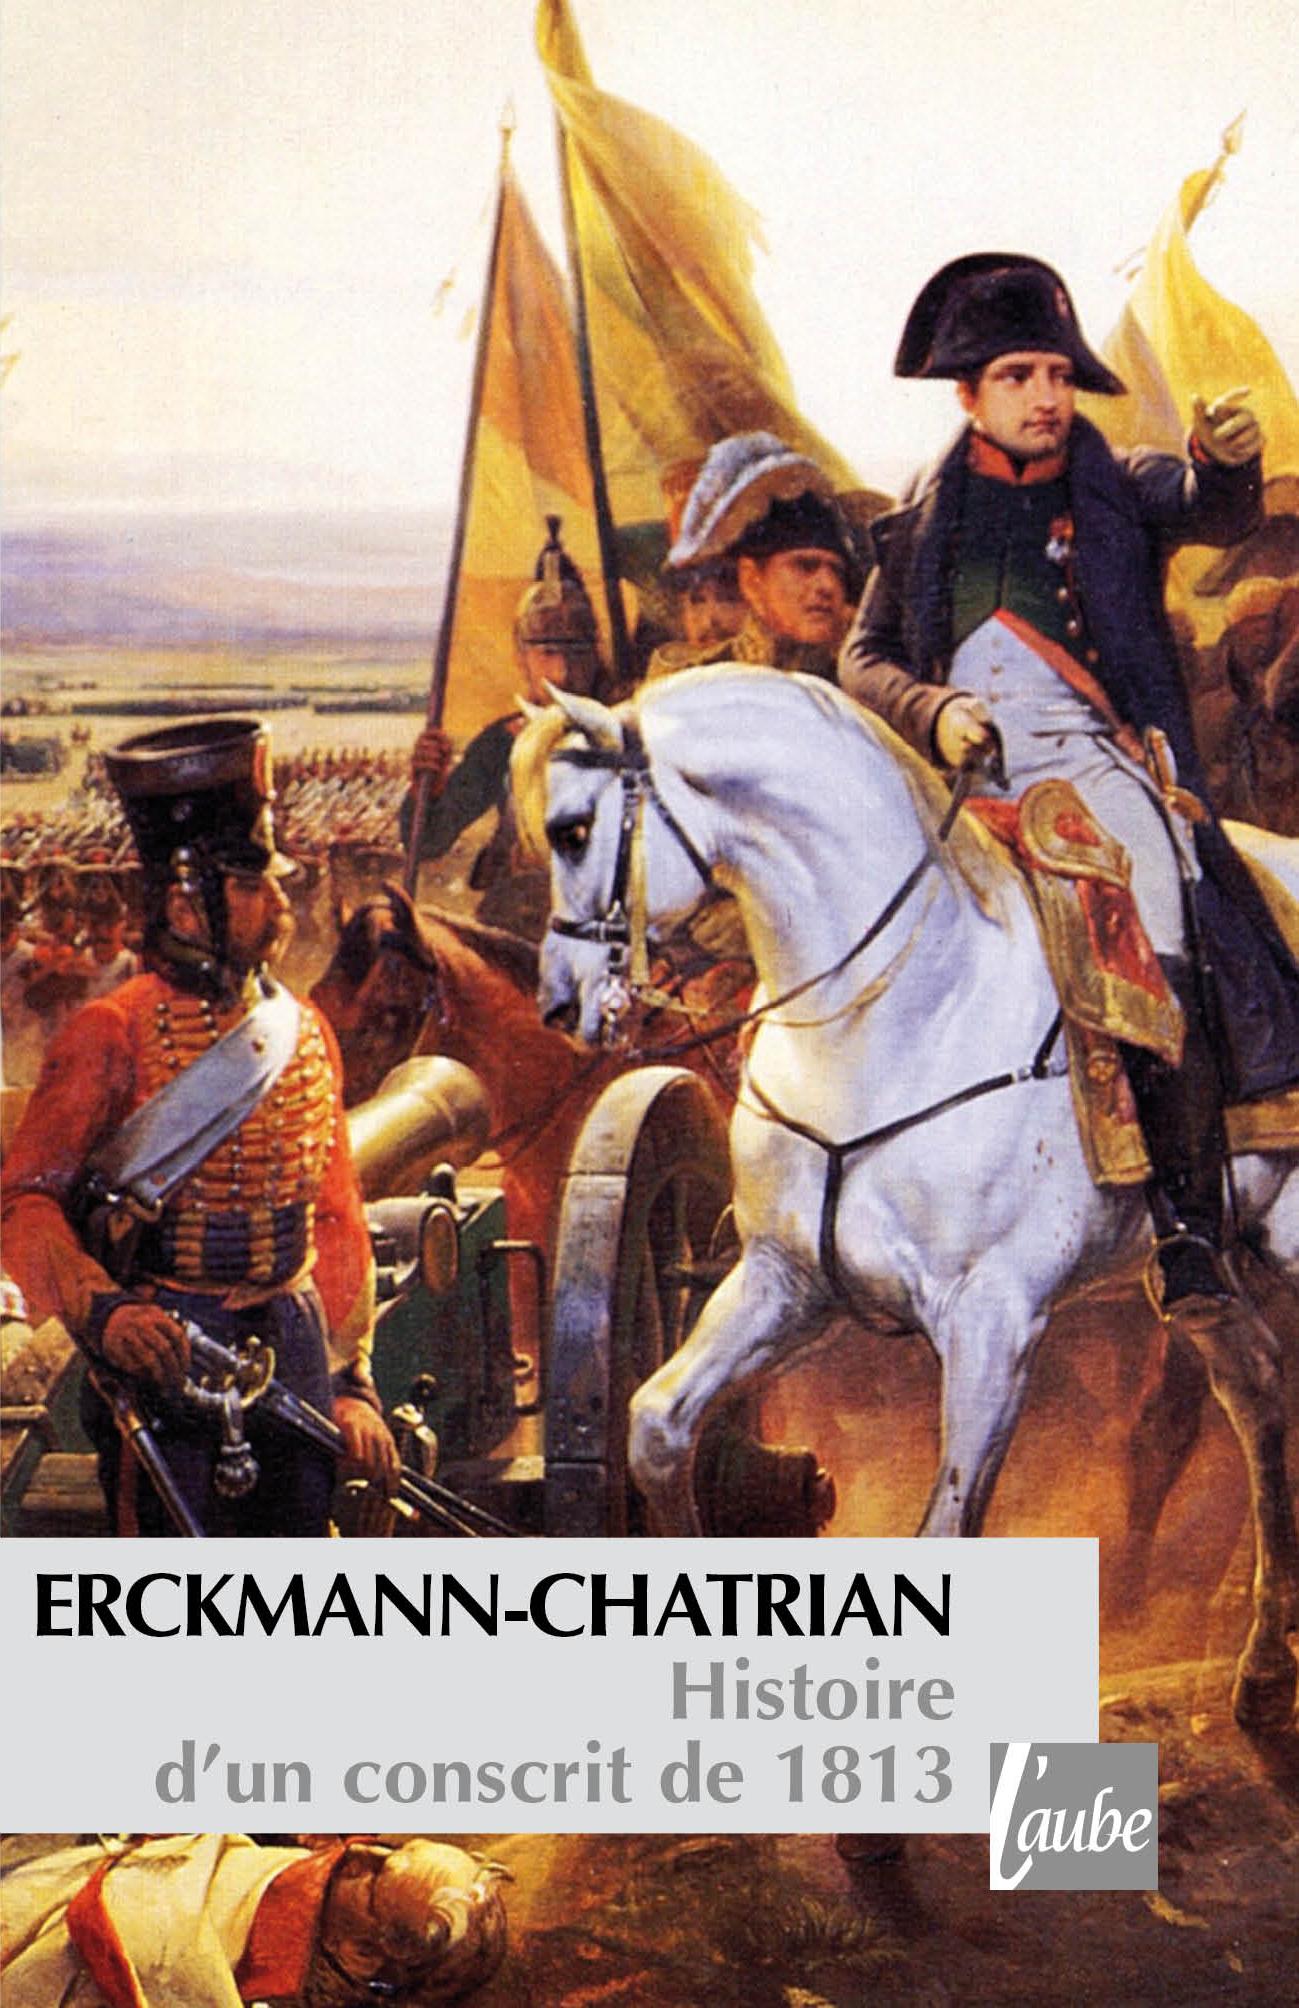 Histoire d'un conscrit de 1813